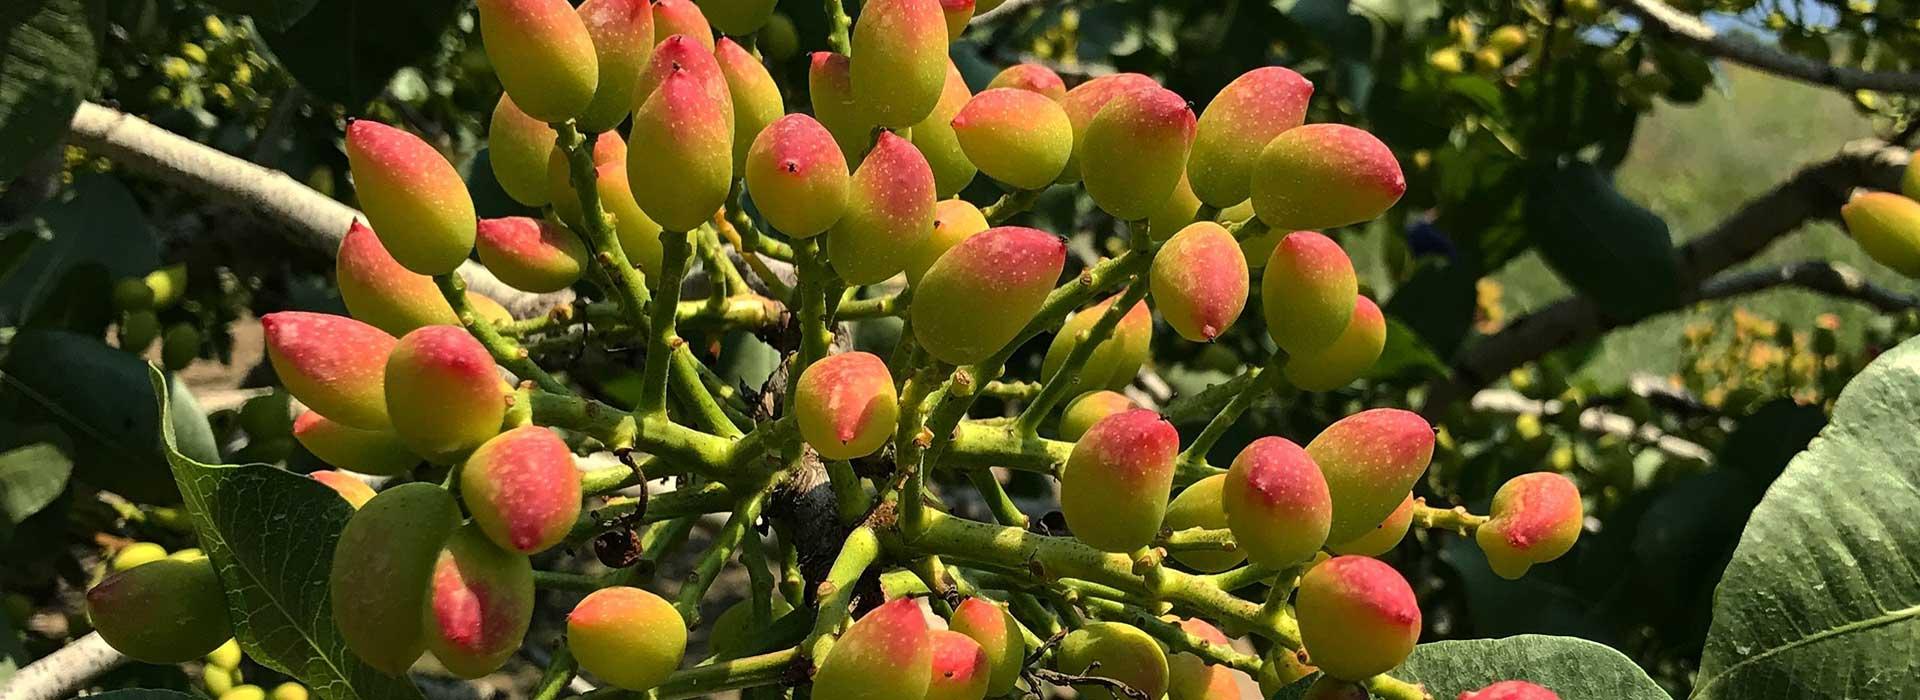 pistachio-iran-2